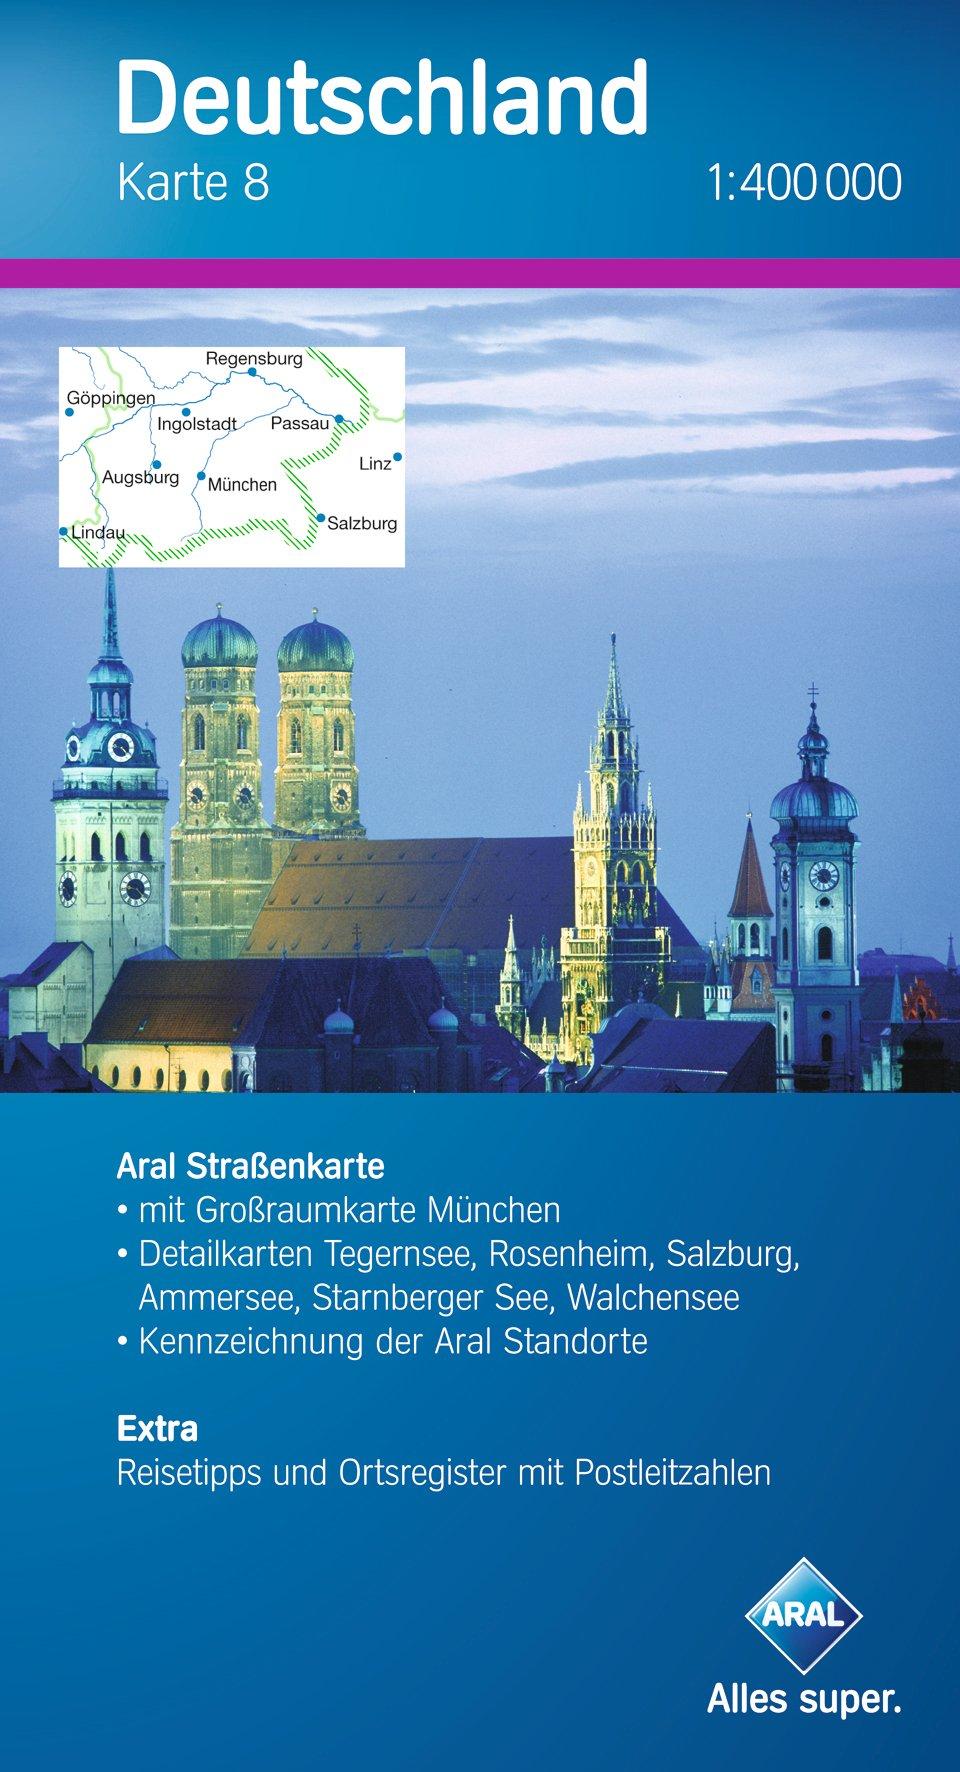 Aral Deutschland Karte 8 / 1:400 000 / Süd-Ost, Bayern-Süd / Großraumk. München / Detailk. Tegernsee-Rosenheim-Salzburg, Ammersee-Starnberger See-Walchensee / Extra: Reisetipps u. Ortsregister mit PLZ